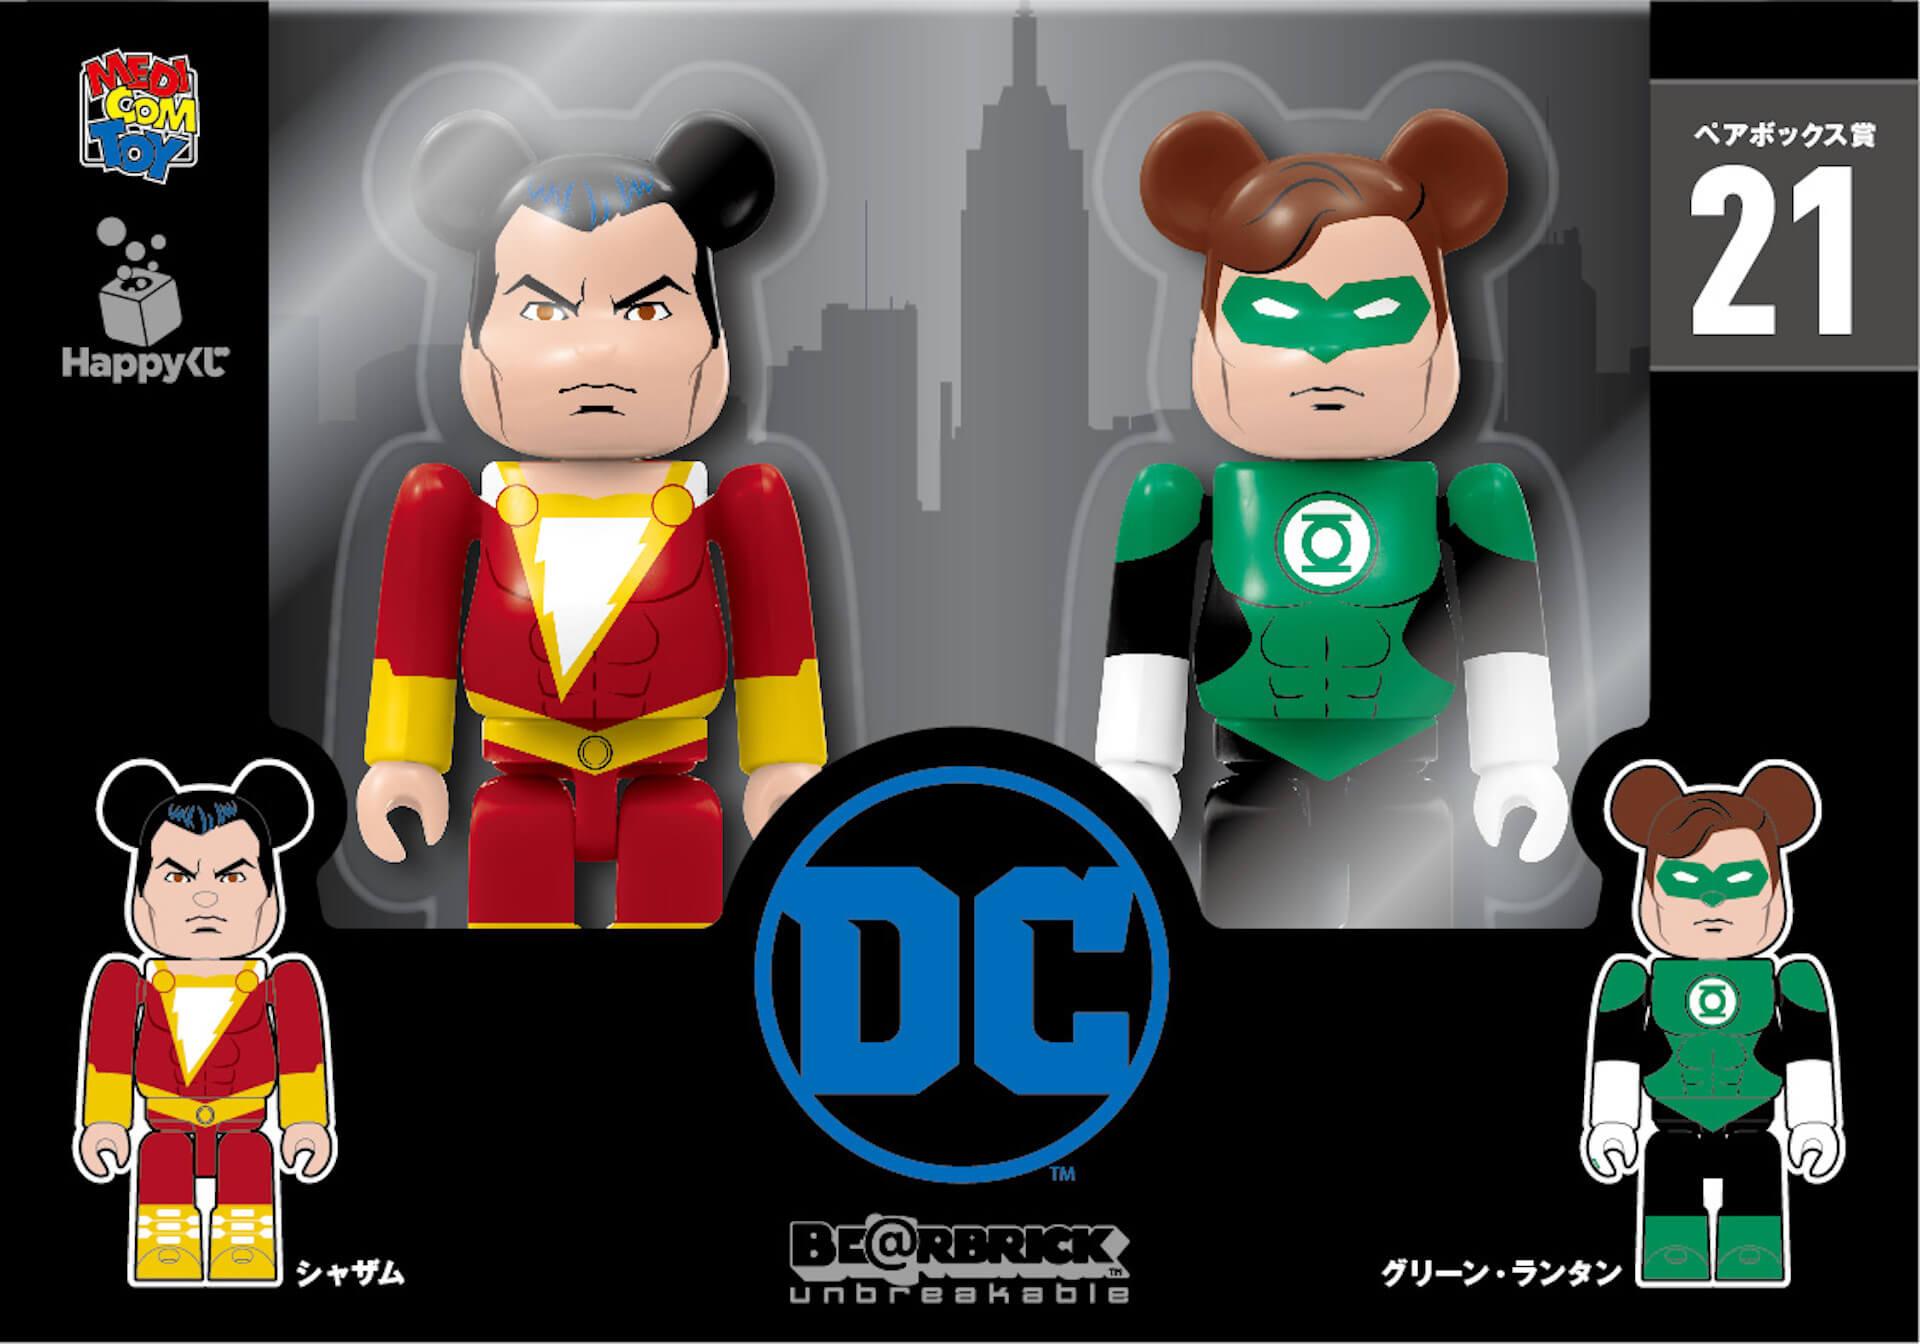 『ワンダーウーマン 1984』劇場公開記念!スーパーマン、バットマン、ジョーカーら人気DCキャラのBE@RBRICKや限定ポスターが当たるHappyくじが発売 art201216_dc_bearbrick_6